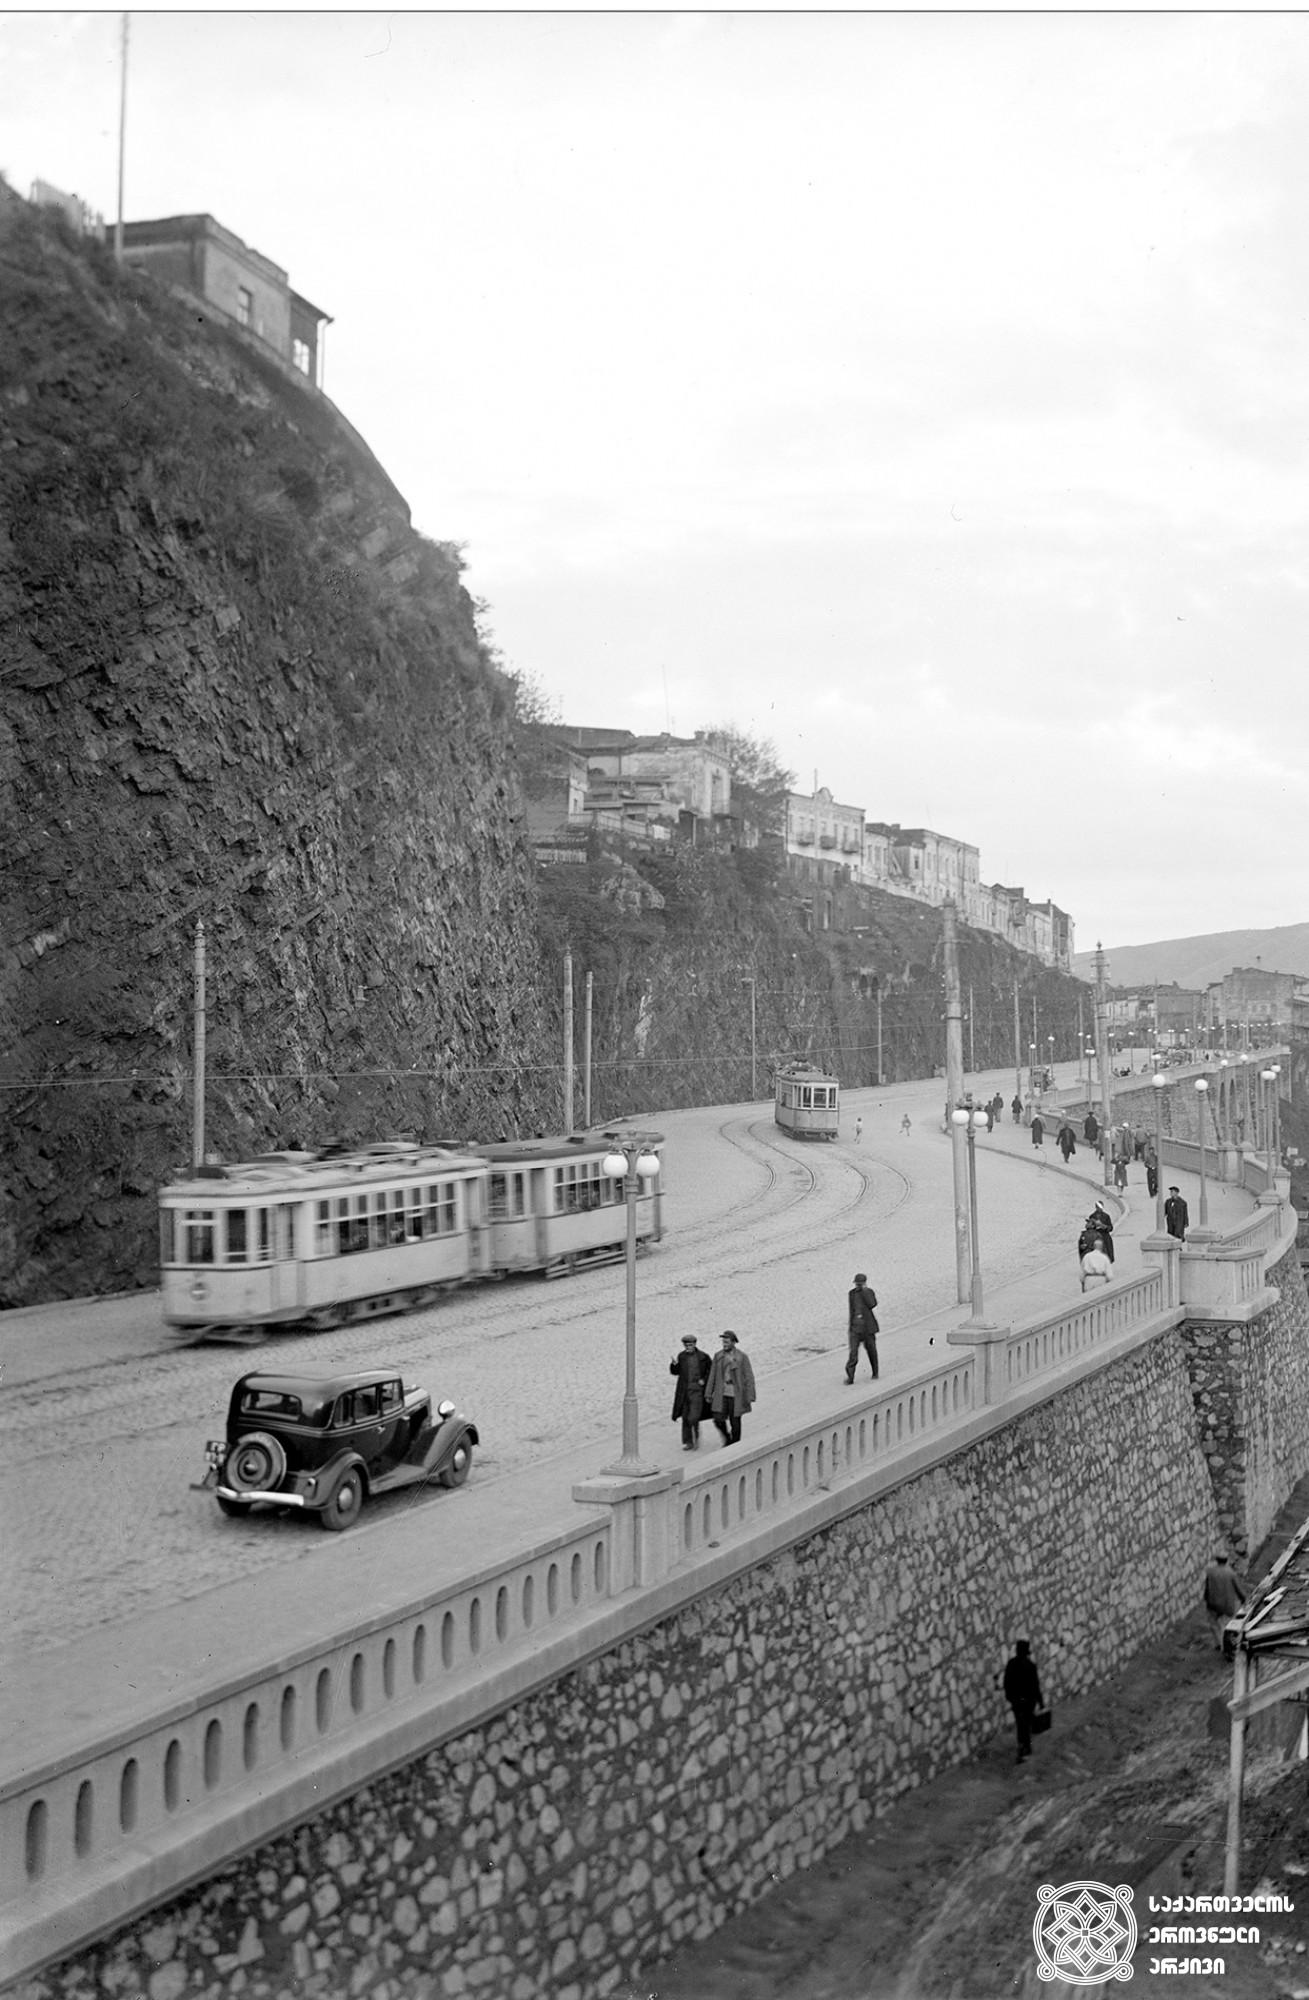 ივან კალიაევის აღმართის ხედი რეკონსტრუქციის შემდეგ (დღევანდელი ბარათაშვილის აღმართი). თბილისი. <br>საქდესის ფოტოქრონიკა. ავტორი უცნობია. <br> 1938. View of Ivan Kaliaev Rise After the Reconstruction (Today Baratashvili Rise). Tbilisi. <br> Telegraph Agency of Georgia's Photography Division. Unknown Photographer. <br>1938